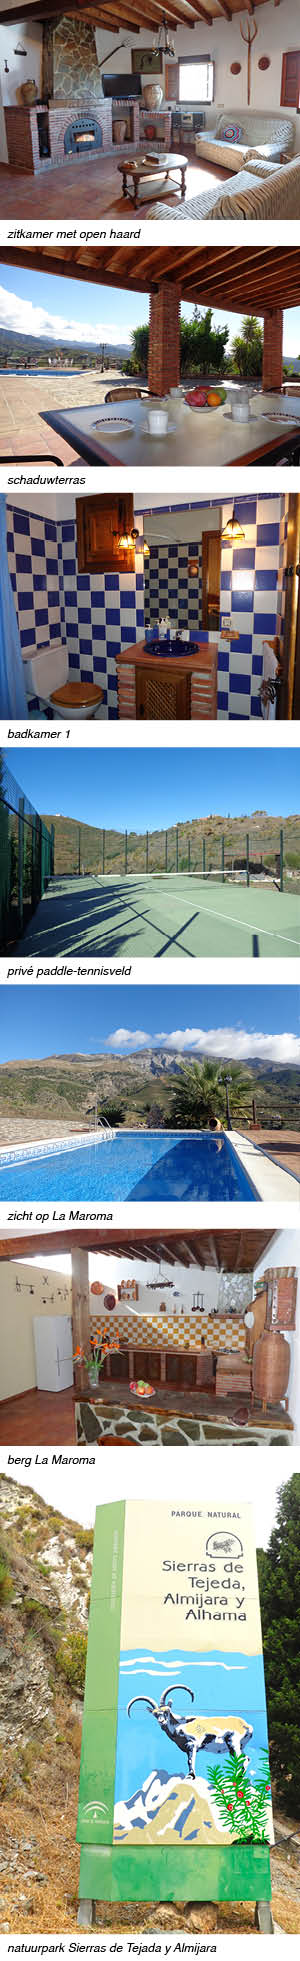 Vakantiehuis Finca Marta Andalusie, strip rechts